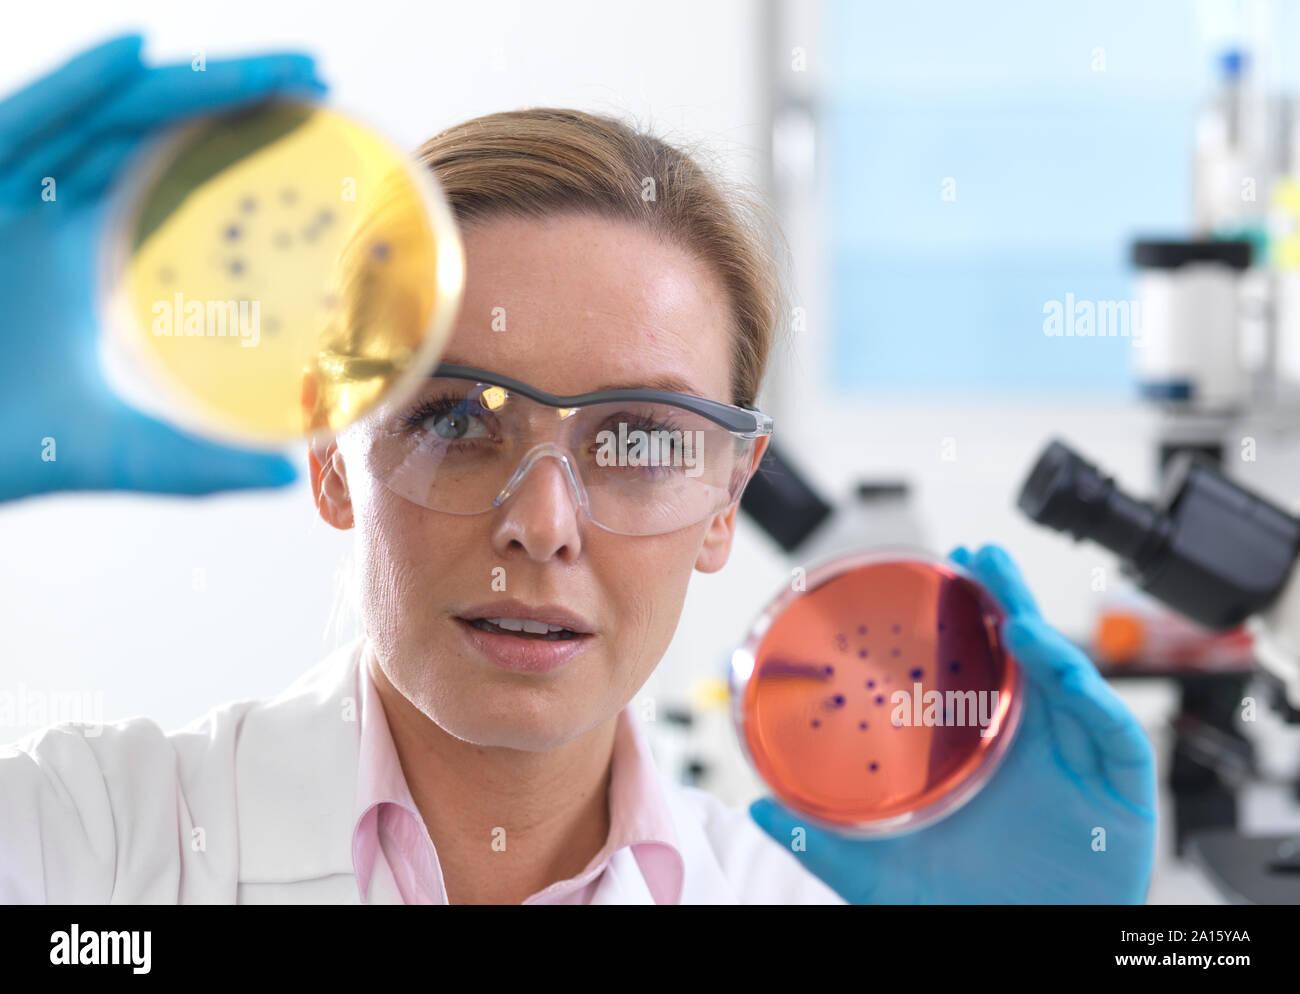 Microbiologie, visualisation scientifique croissante des cultures en Pétri avant de les placer sous un microscope inversé dans le laboratoire Banque D'Images